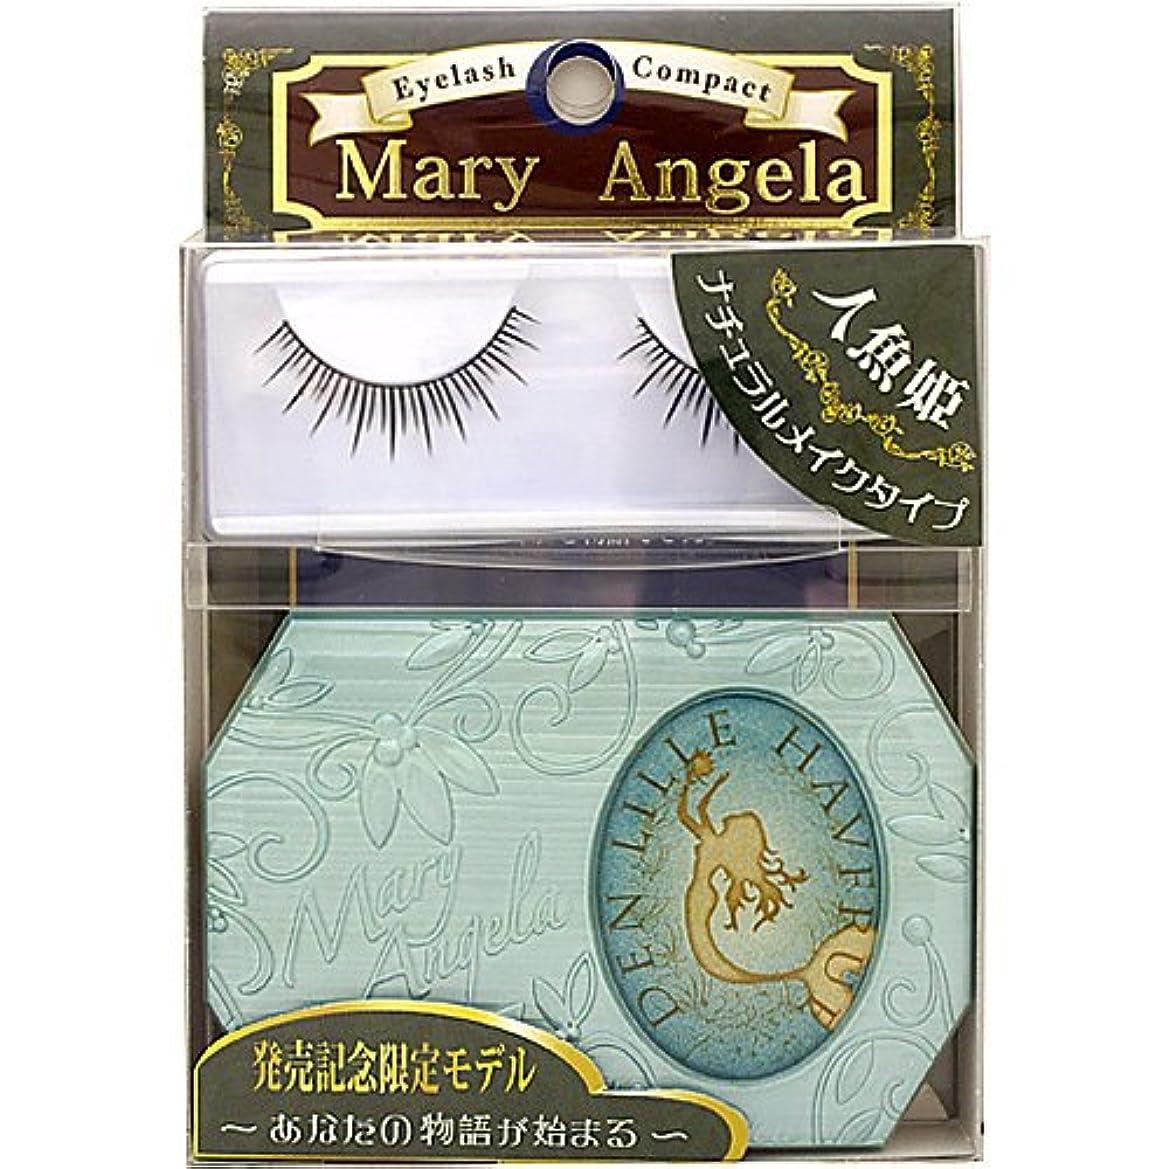 公使館ガチョウナチュラルMILCA ミルカ MaryAngela マリーアンジェラ つけまつげ&つけまつげケース 人魚姫